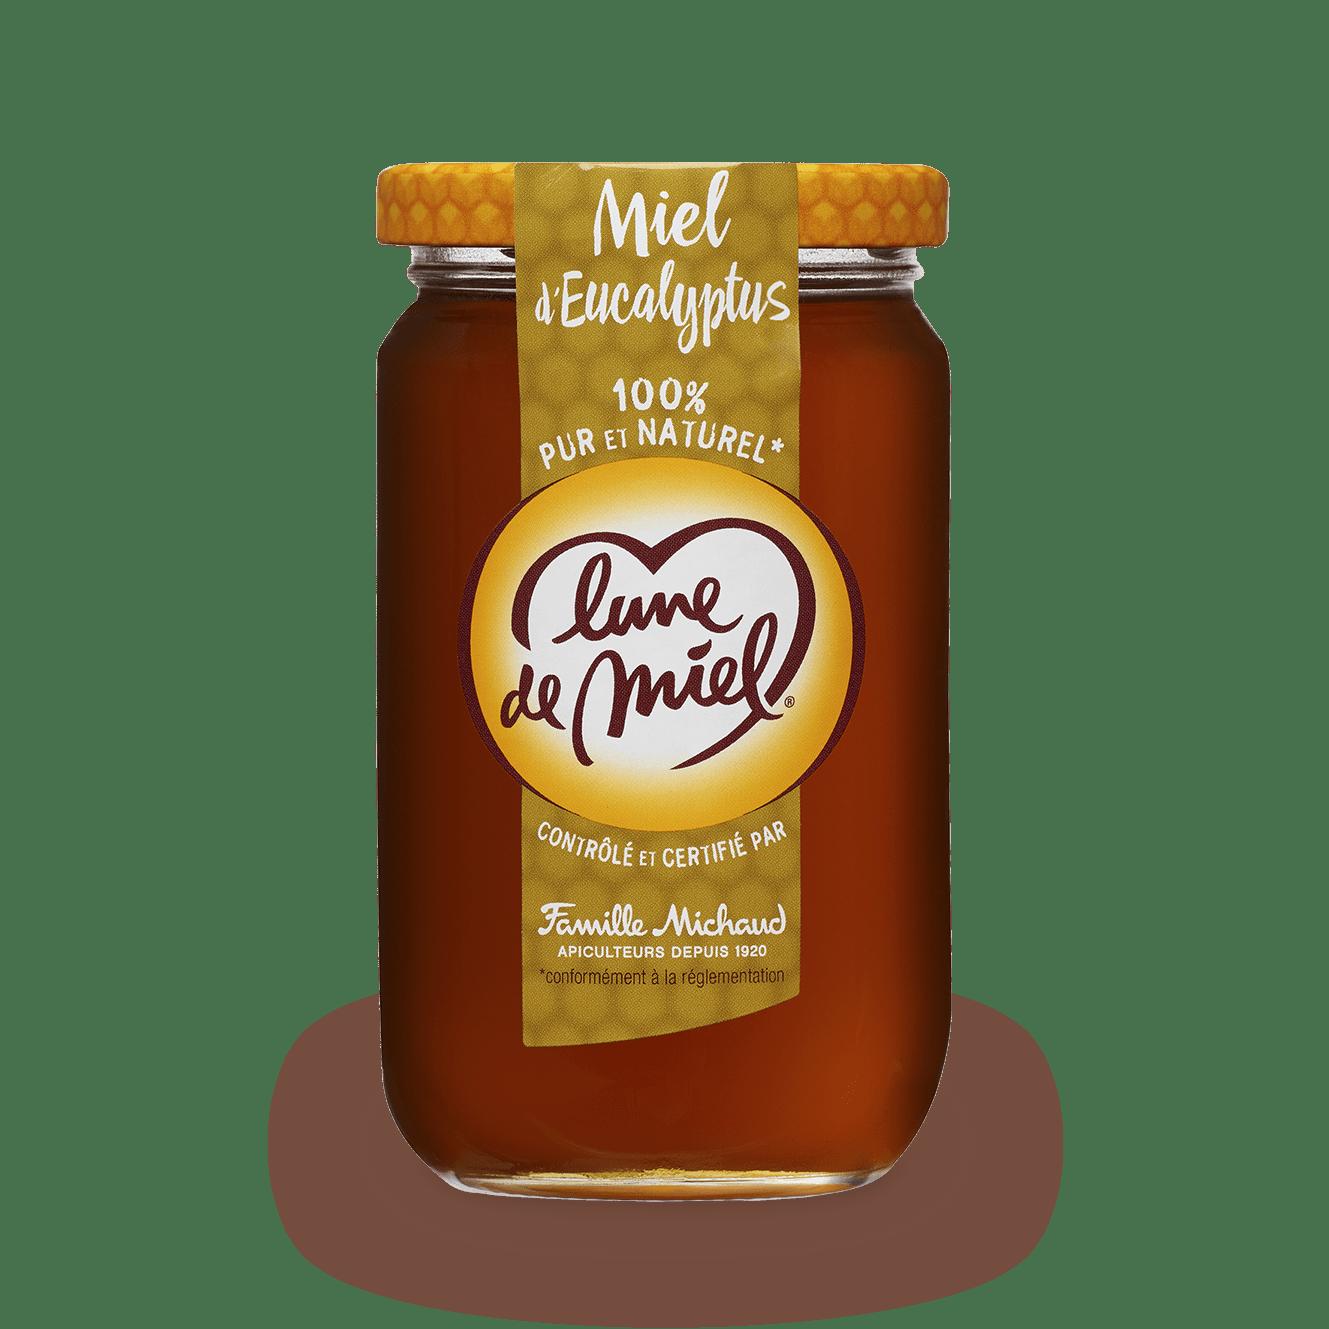 miel d'eucalyptus pot en verre